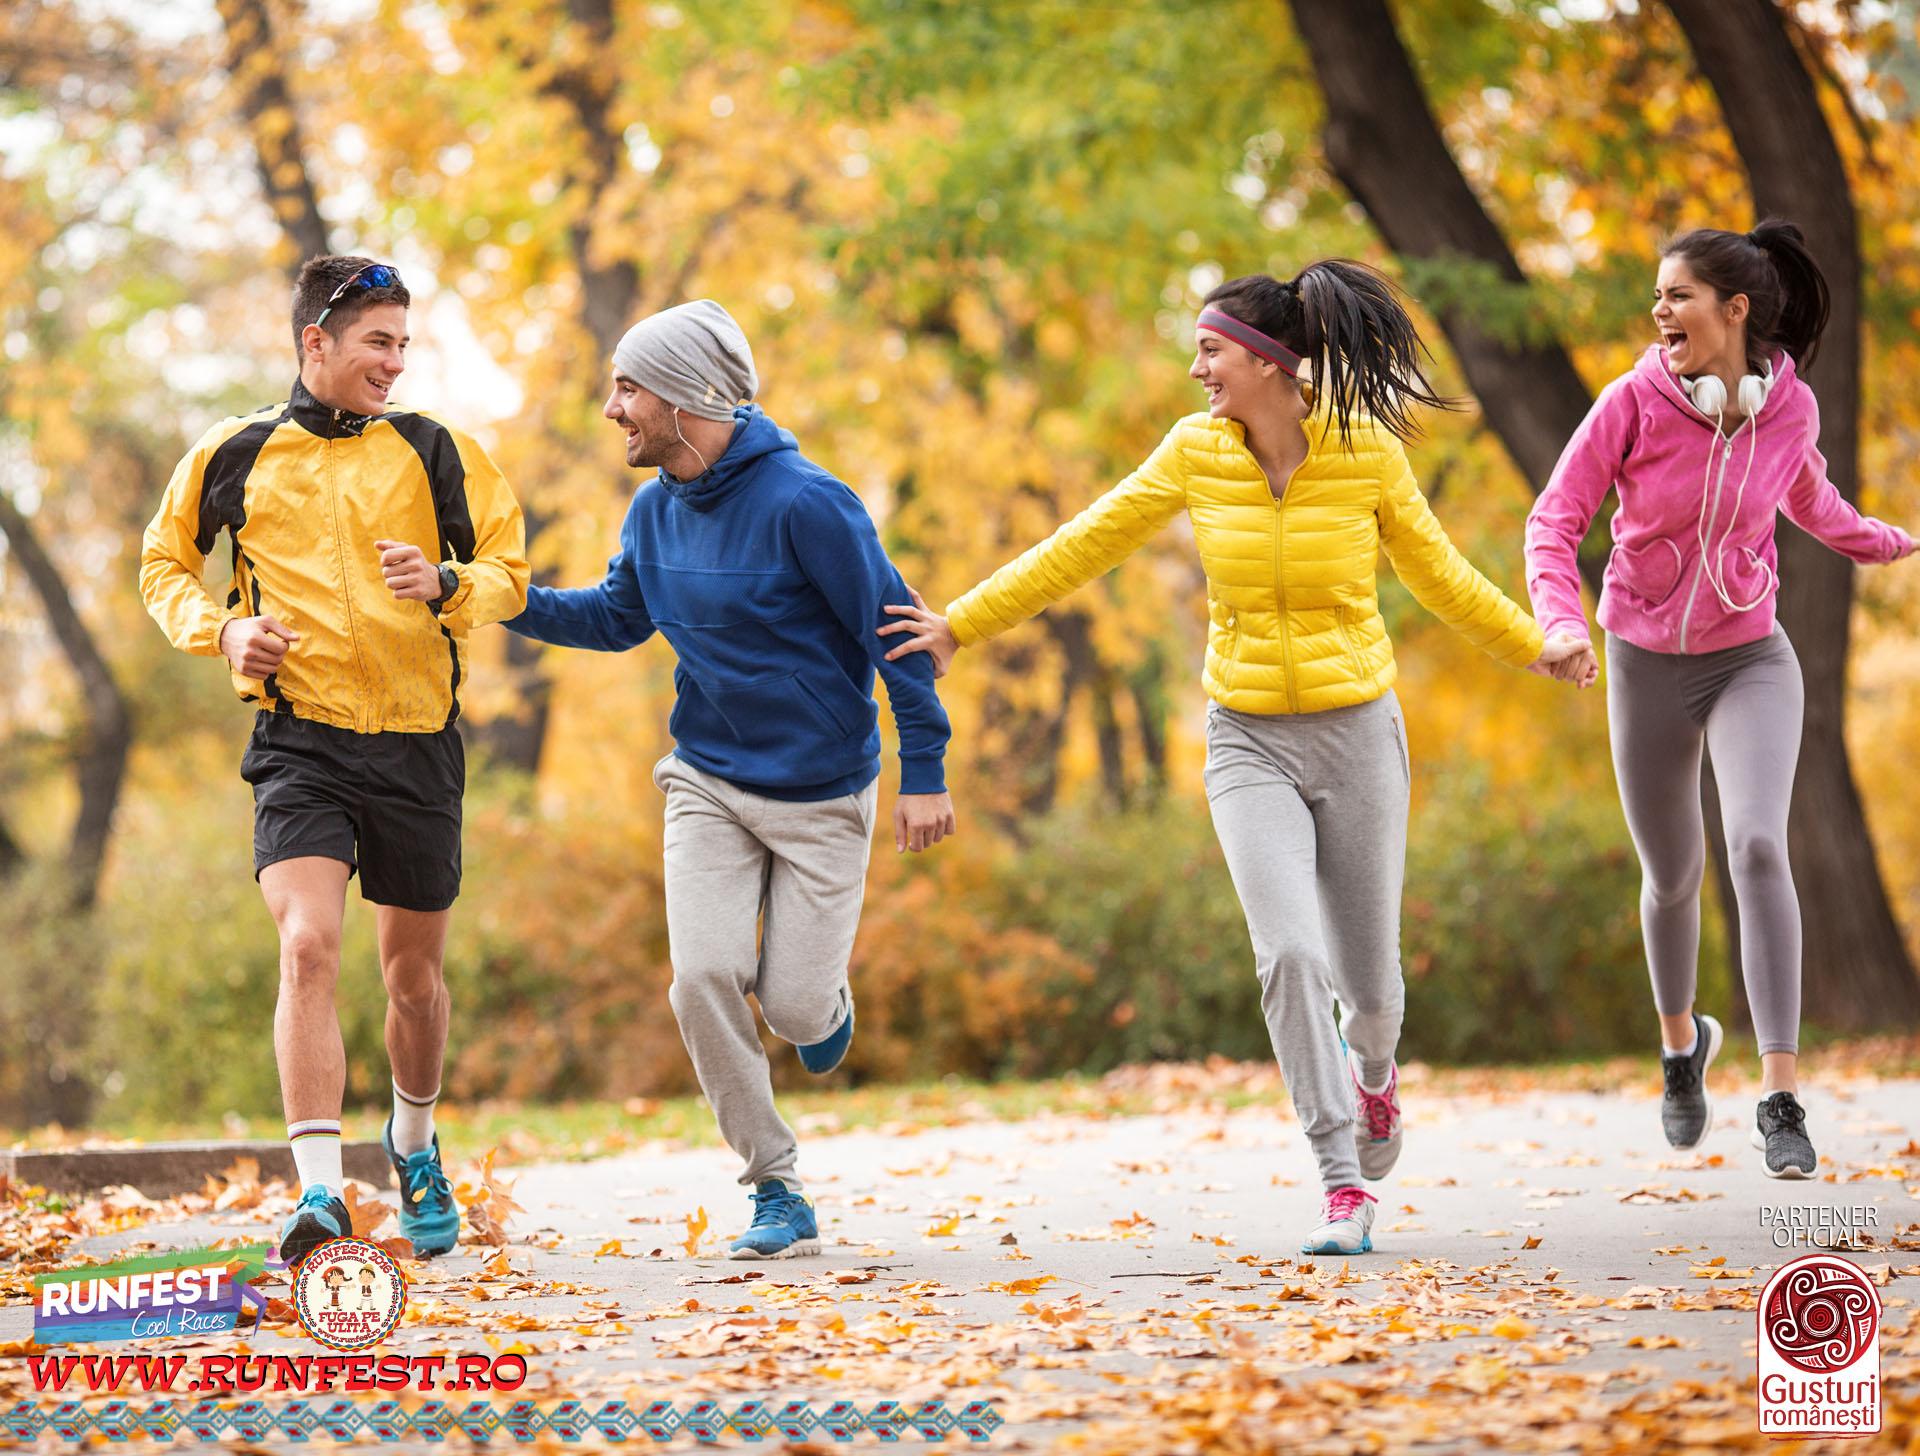 Fuga pe uliță, invitație la mișcare, într-o atmosferă tradițională!